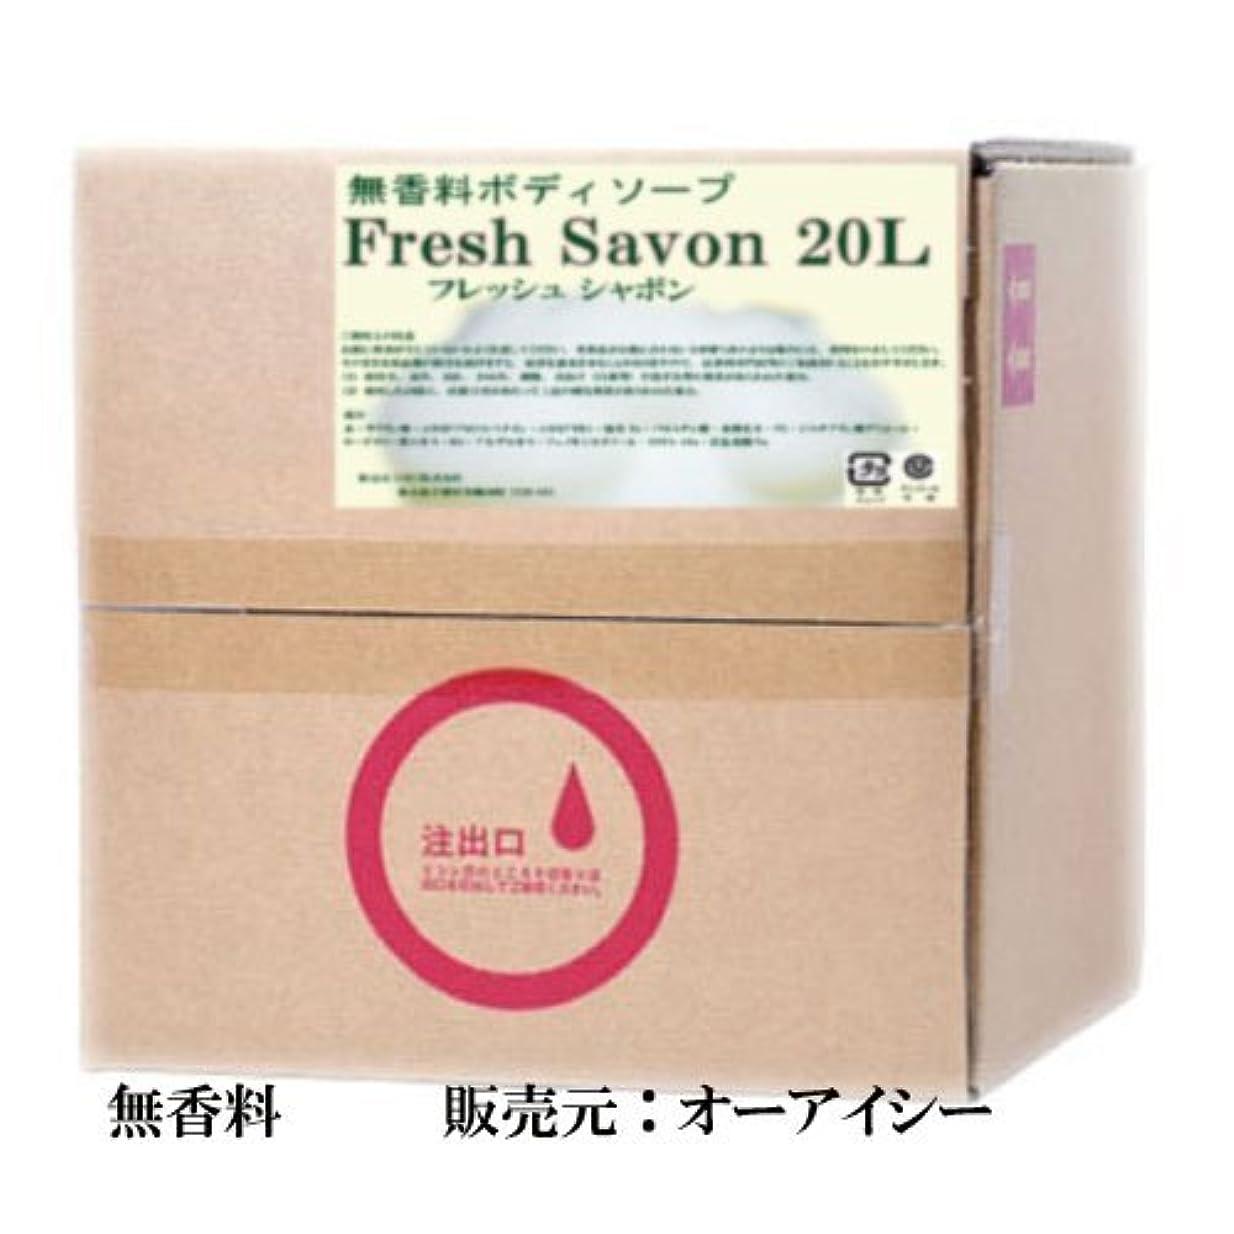 含意ライドブルゴーニュ業務用 無香料 ボディソープ フレッシュシャボン 20L (販売元:オーアイシー) (ホワイト)